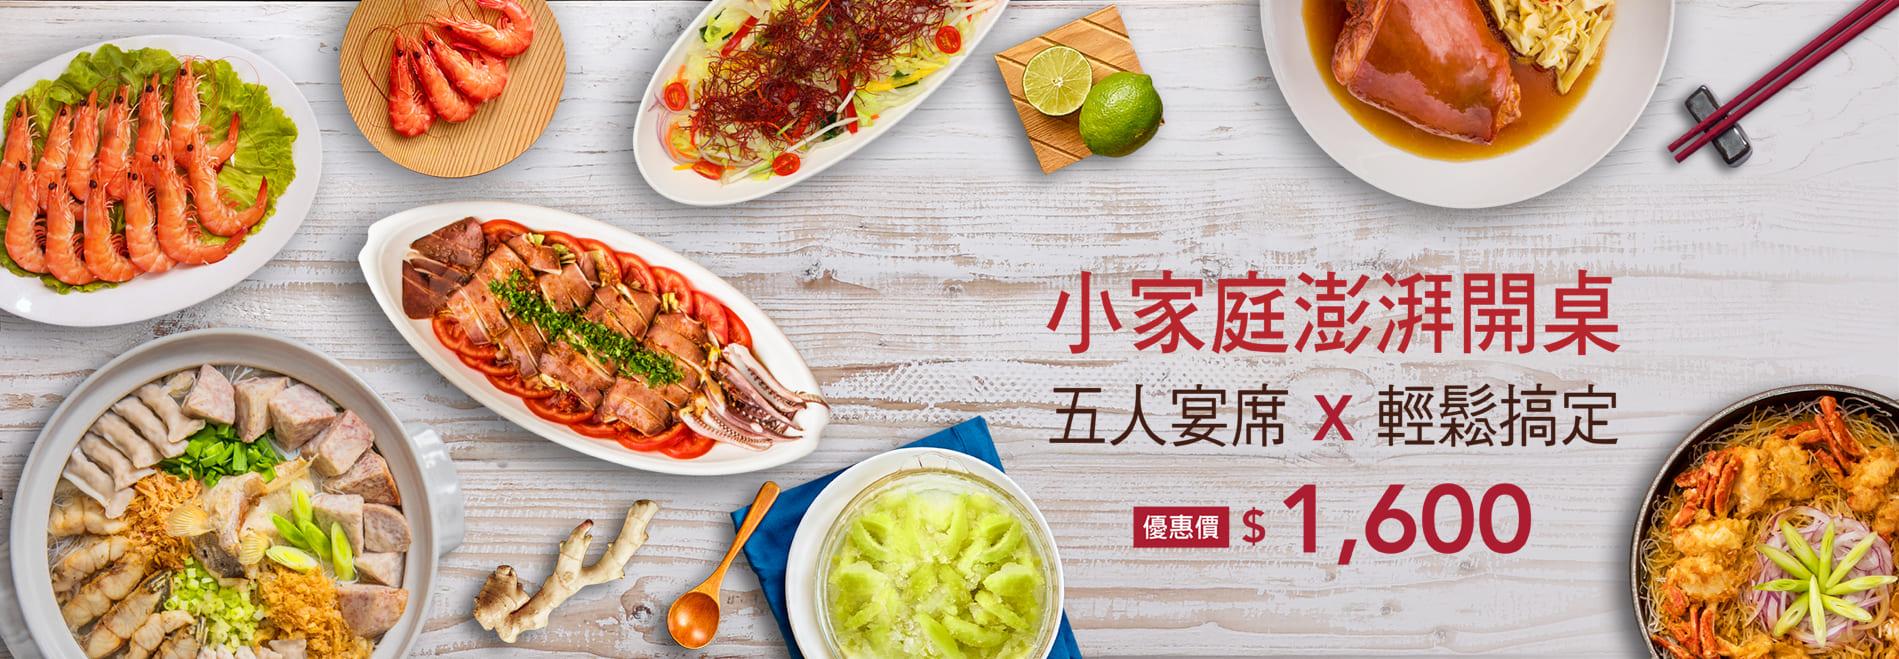 懷念料理-呷歡喜 (5人)